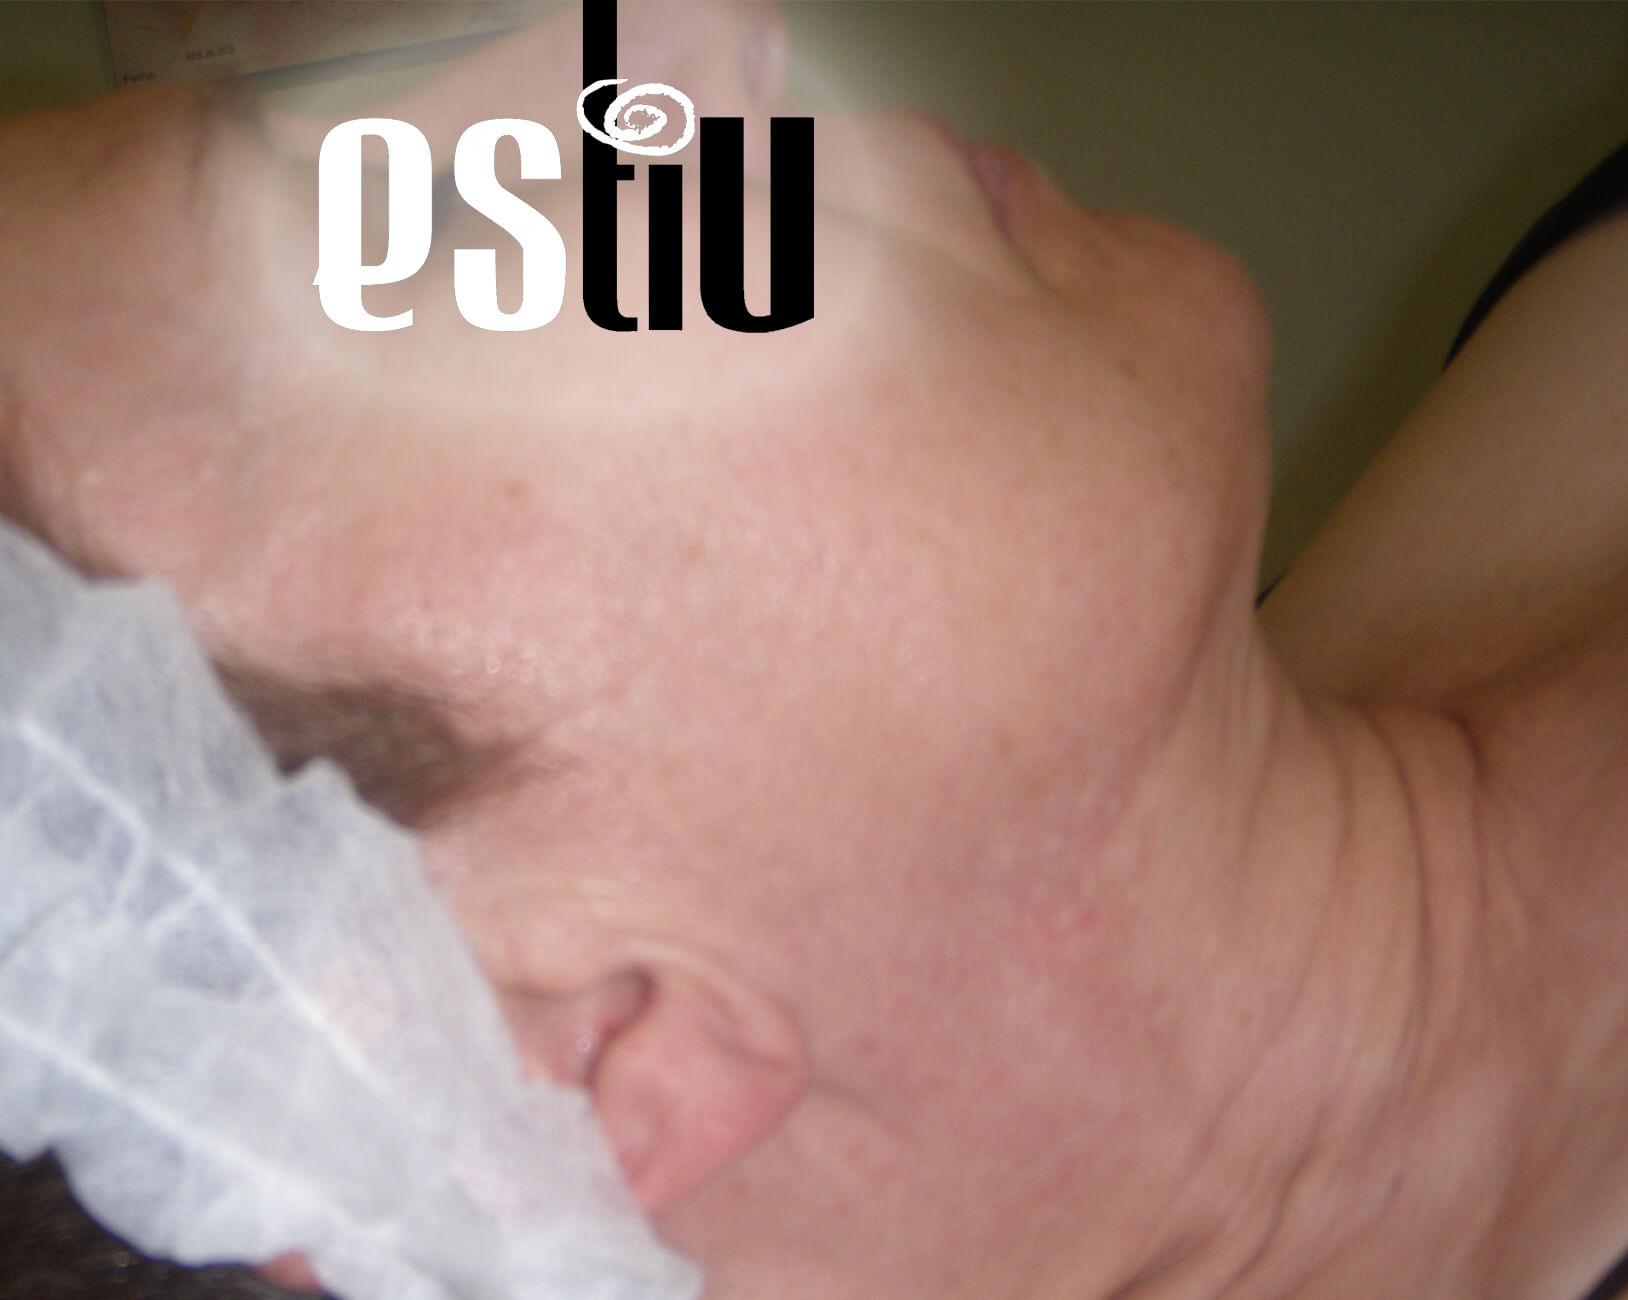 Centro Estiu carabanchel estética tratamiento corporal facial depilacion laser cera masaje maquillaje manicura pedicura pestañas especialistas